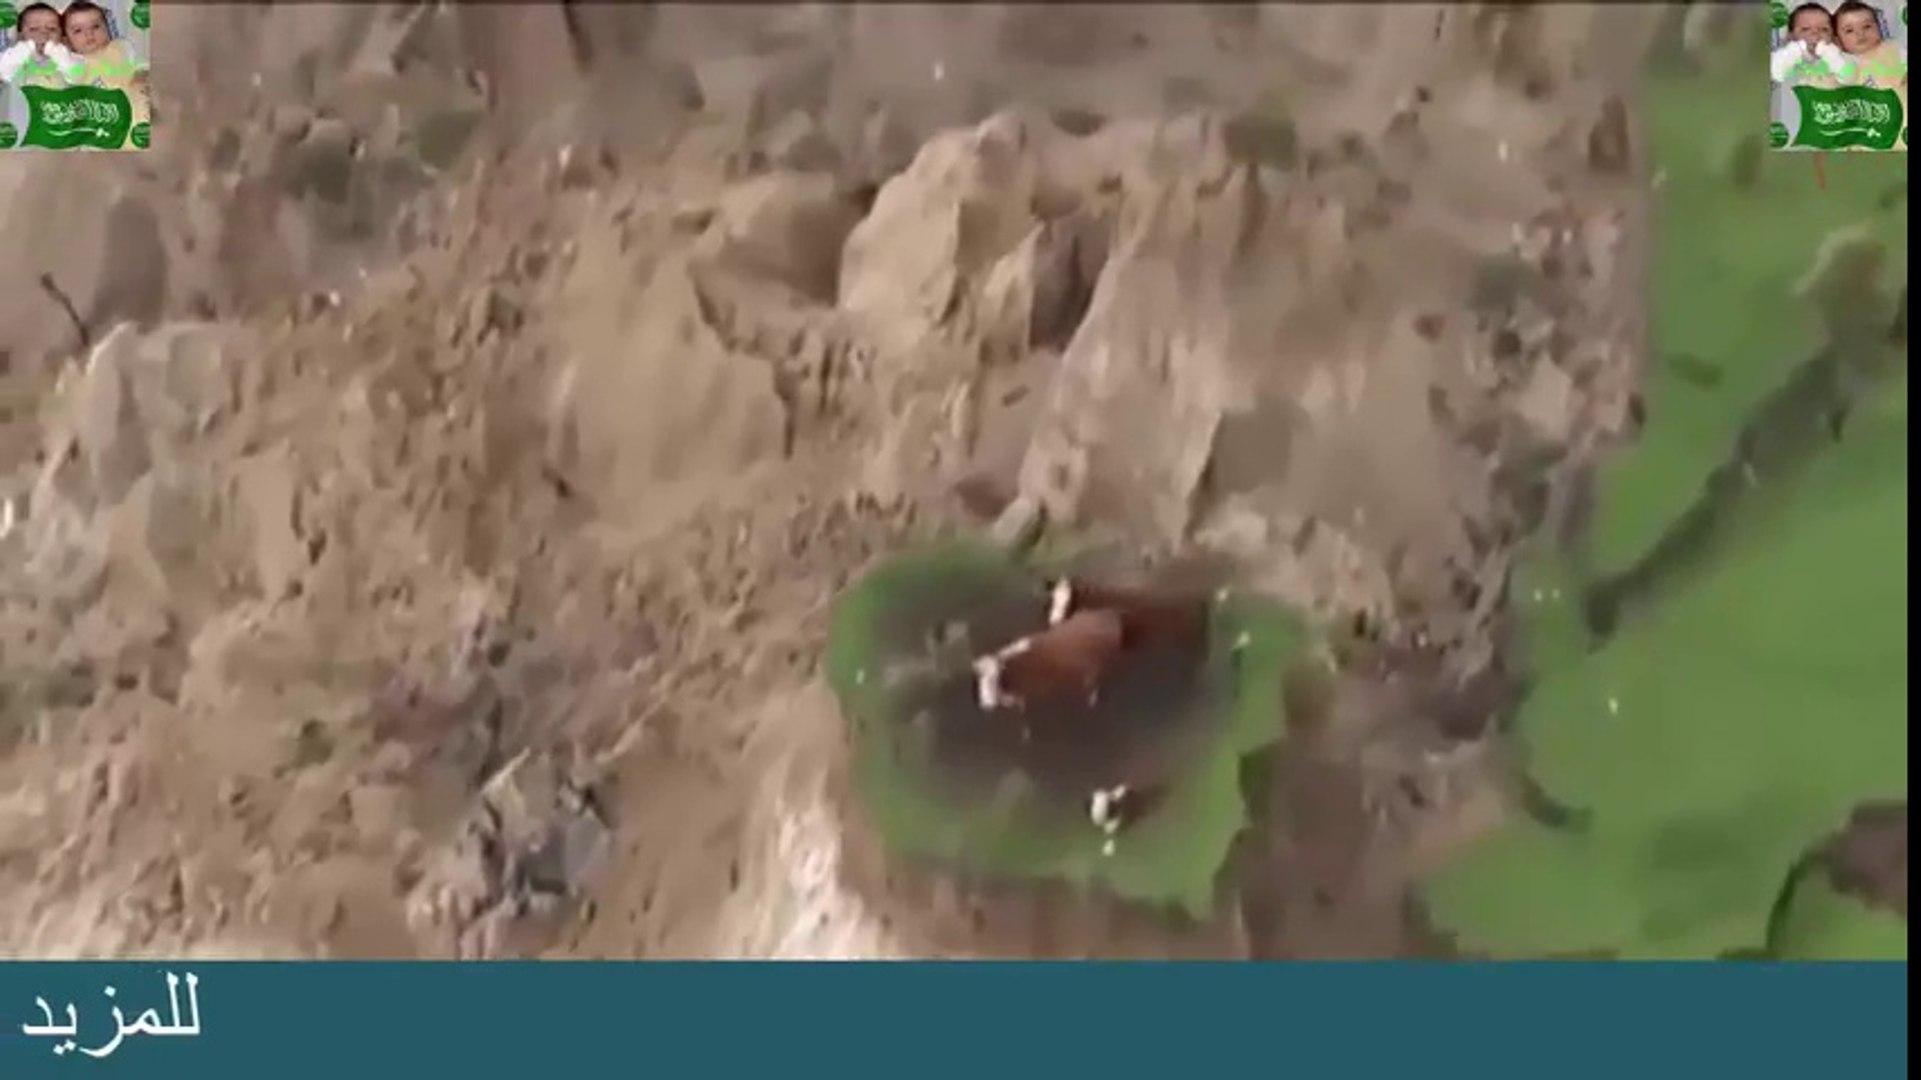 زلزال و خسف خسفَ قرية كاملة إلا هؤلاء سبحان الله الاسلام